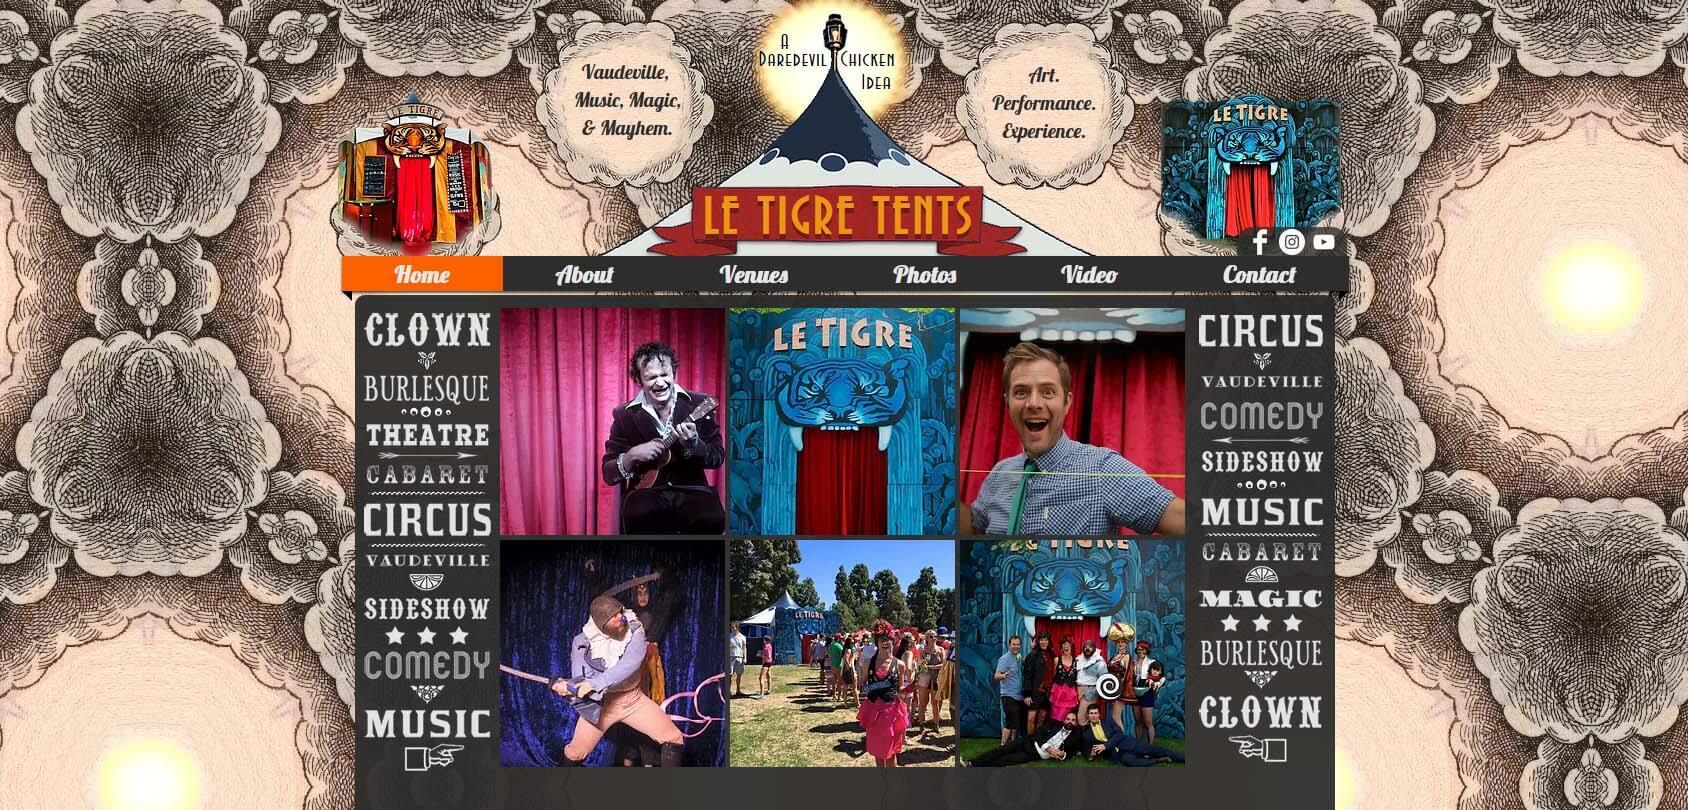 Le Tigre Tent Homepage